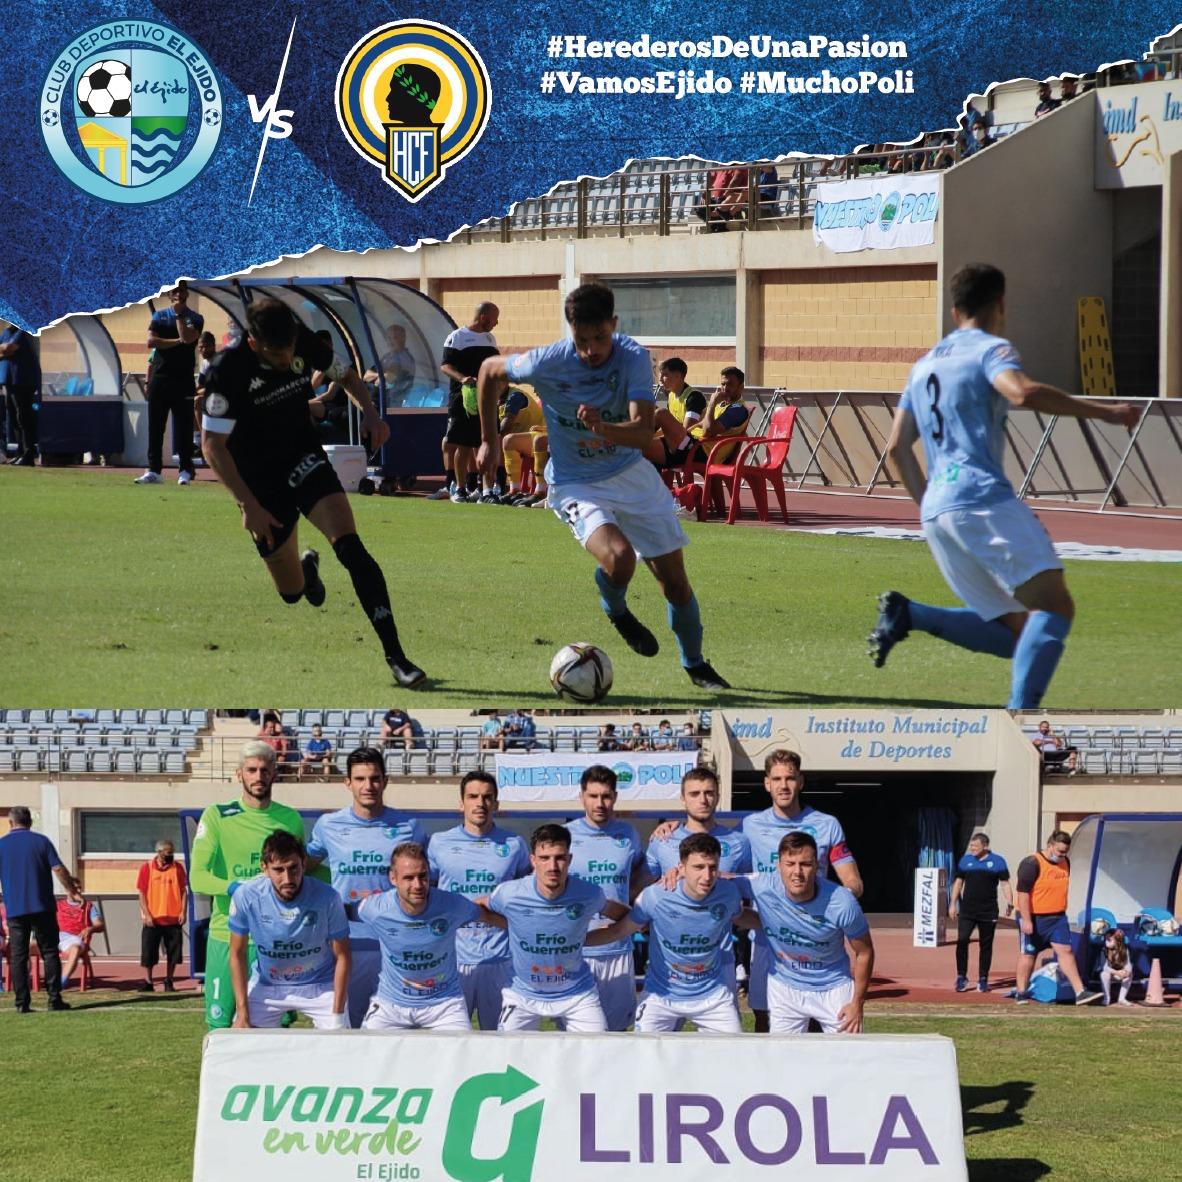 El Club Deportivo El Ejido pierde frente al Hércules un partido que mereció ganar